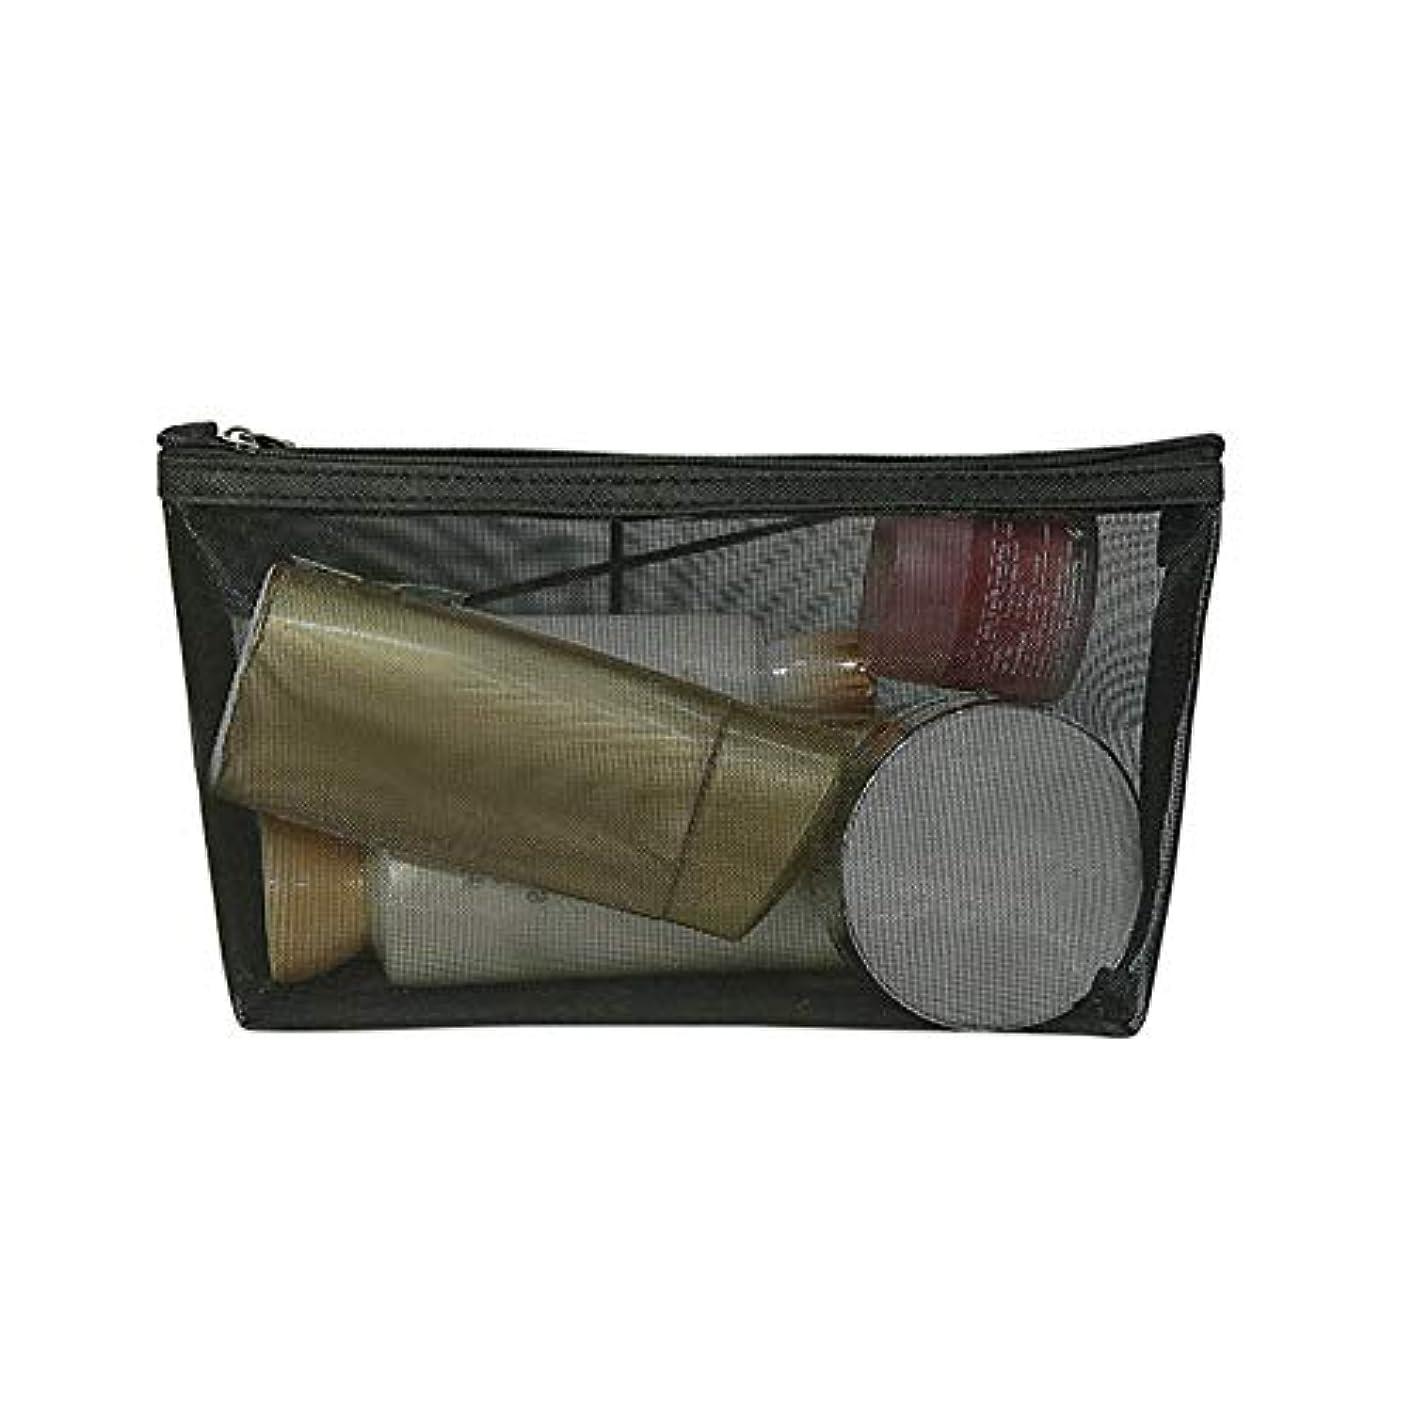 すり無知関係するBULemon 1ピースシンプルなストレート口化粧品袋透明メッシュ化粧品収納袋化粧品袋透明ジッパー収納袋旅行バッグ